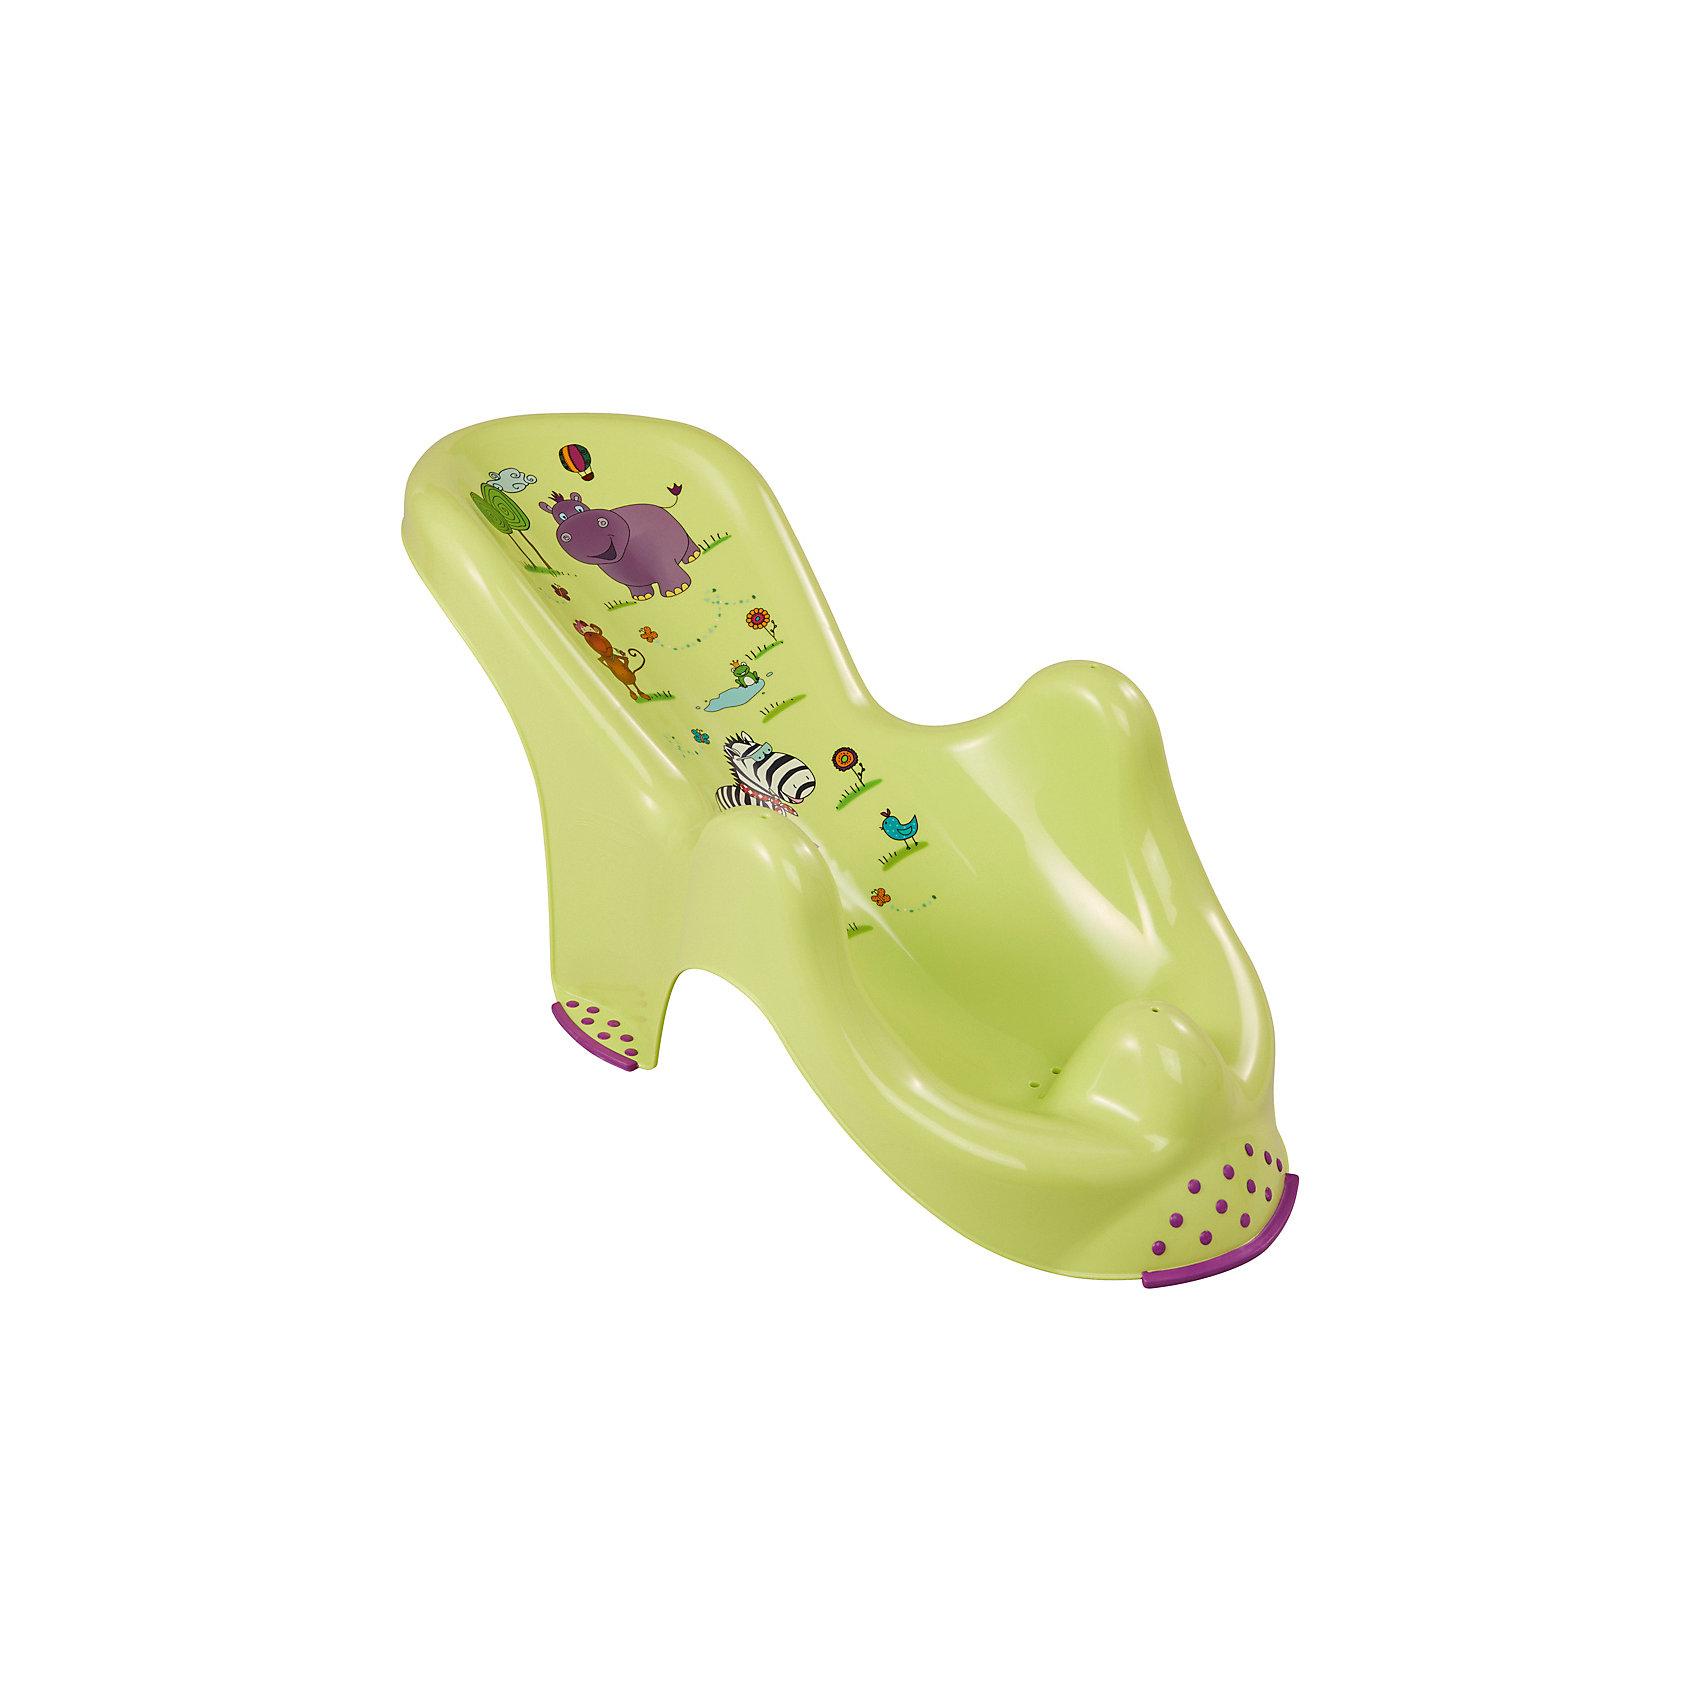 Горка д/ванны Бегемотик, ОКТ, зеленыйГорка для ванны Бегемотик, Okt поможет сделать купание Вашего малыша комфортным и безопасным. Конструкция прочно фиксируется в ванной с помощью присосок и страхует малыша во время купания: его голова находится над водой, а для ручек и ножек предусмотрены специальные выемки, которые не дают ребенку соскальзывать в воду. Ножки горки оснащены резиновыми нескользящими накладками, для детей постарше она может использоваться как сиденье для ванной. Горка удобной анатомической формы имеет привлекательный дизайн и украшена изображениями забавных африканских зверюшек. Конструкция легко моется и абсолютно безопасна для малыша.<br><br>Дополнительная информация:<br><br>- Цвет: зеленый.<br>- Возраст: 0-8 месяцев.<br>- Материал: пластик.<br>- Размер: 58 x 25 x 22 см. <br>- Вес: 0,45 кг. <br><br>Горку для ванны Бегемотик, Okt, можно купить в нашем интернет-магазине.<br><br>Ширина мм: 532<br>Глубина мм: 258<br>Высота мм: 208<br>Вес г: 340<br>Цвет: зеленый<br>Возраст от месяцев: 0<br>Возраст до месяцев: 8<br>Пол: Унисекс<br>Возраст: Детский<br>SKU: 3101422